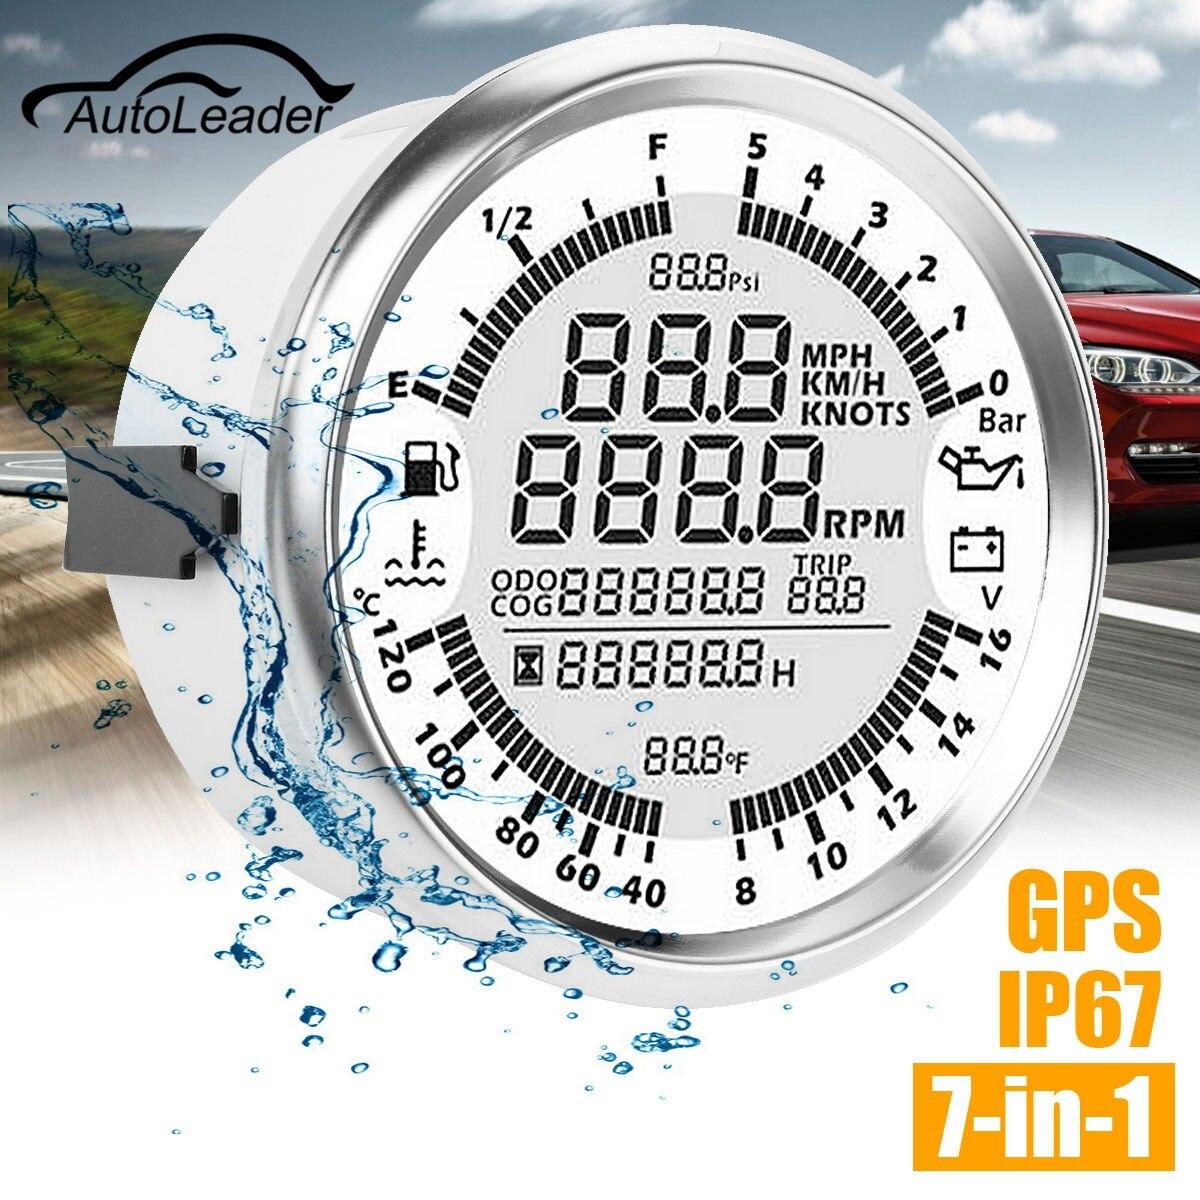 Autoleader 85 мм gps скорость метр масла Датчик давления топлива Датчик Тахометр лодка автомобиль DIY